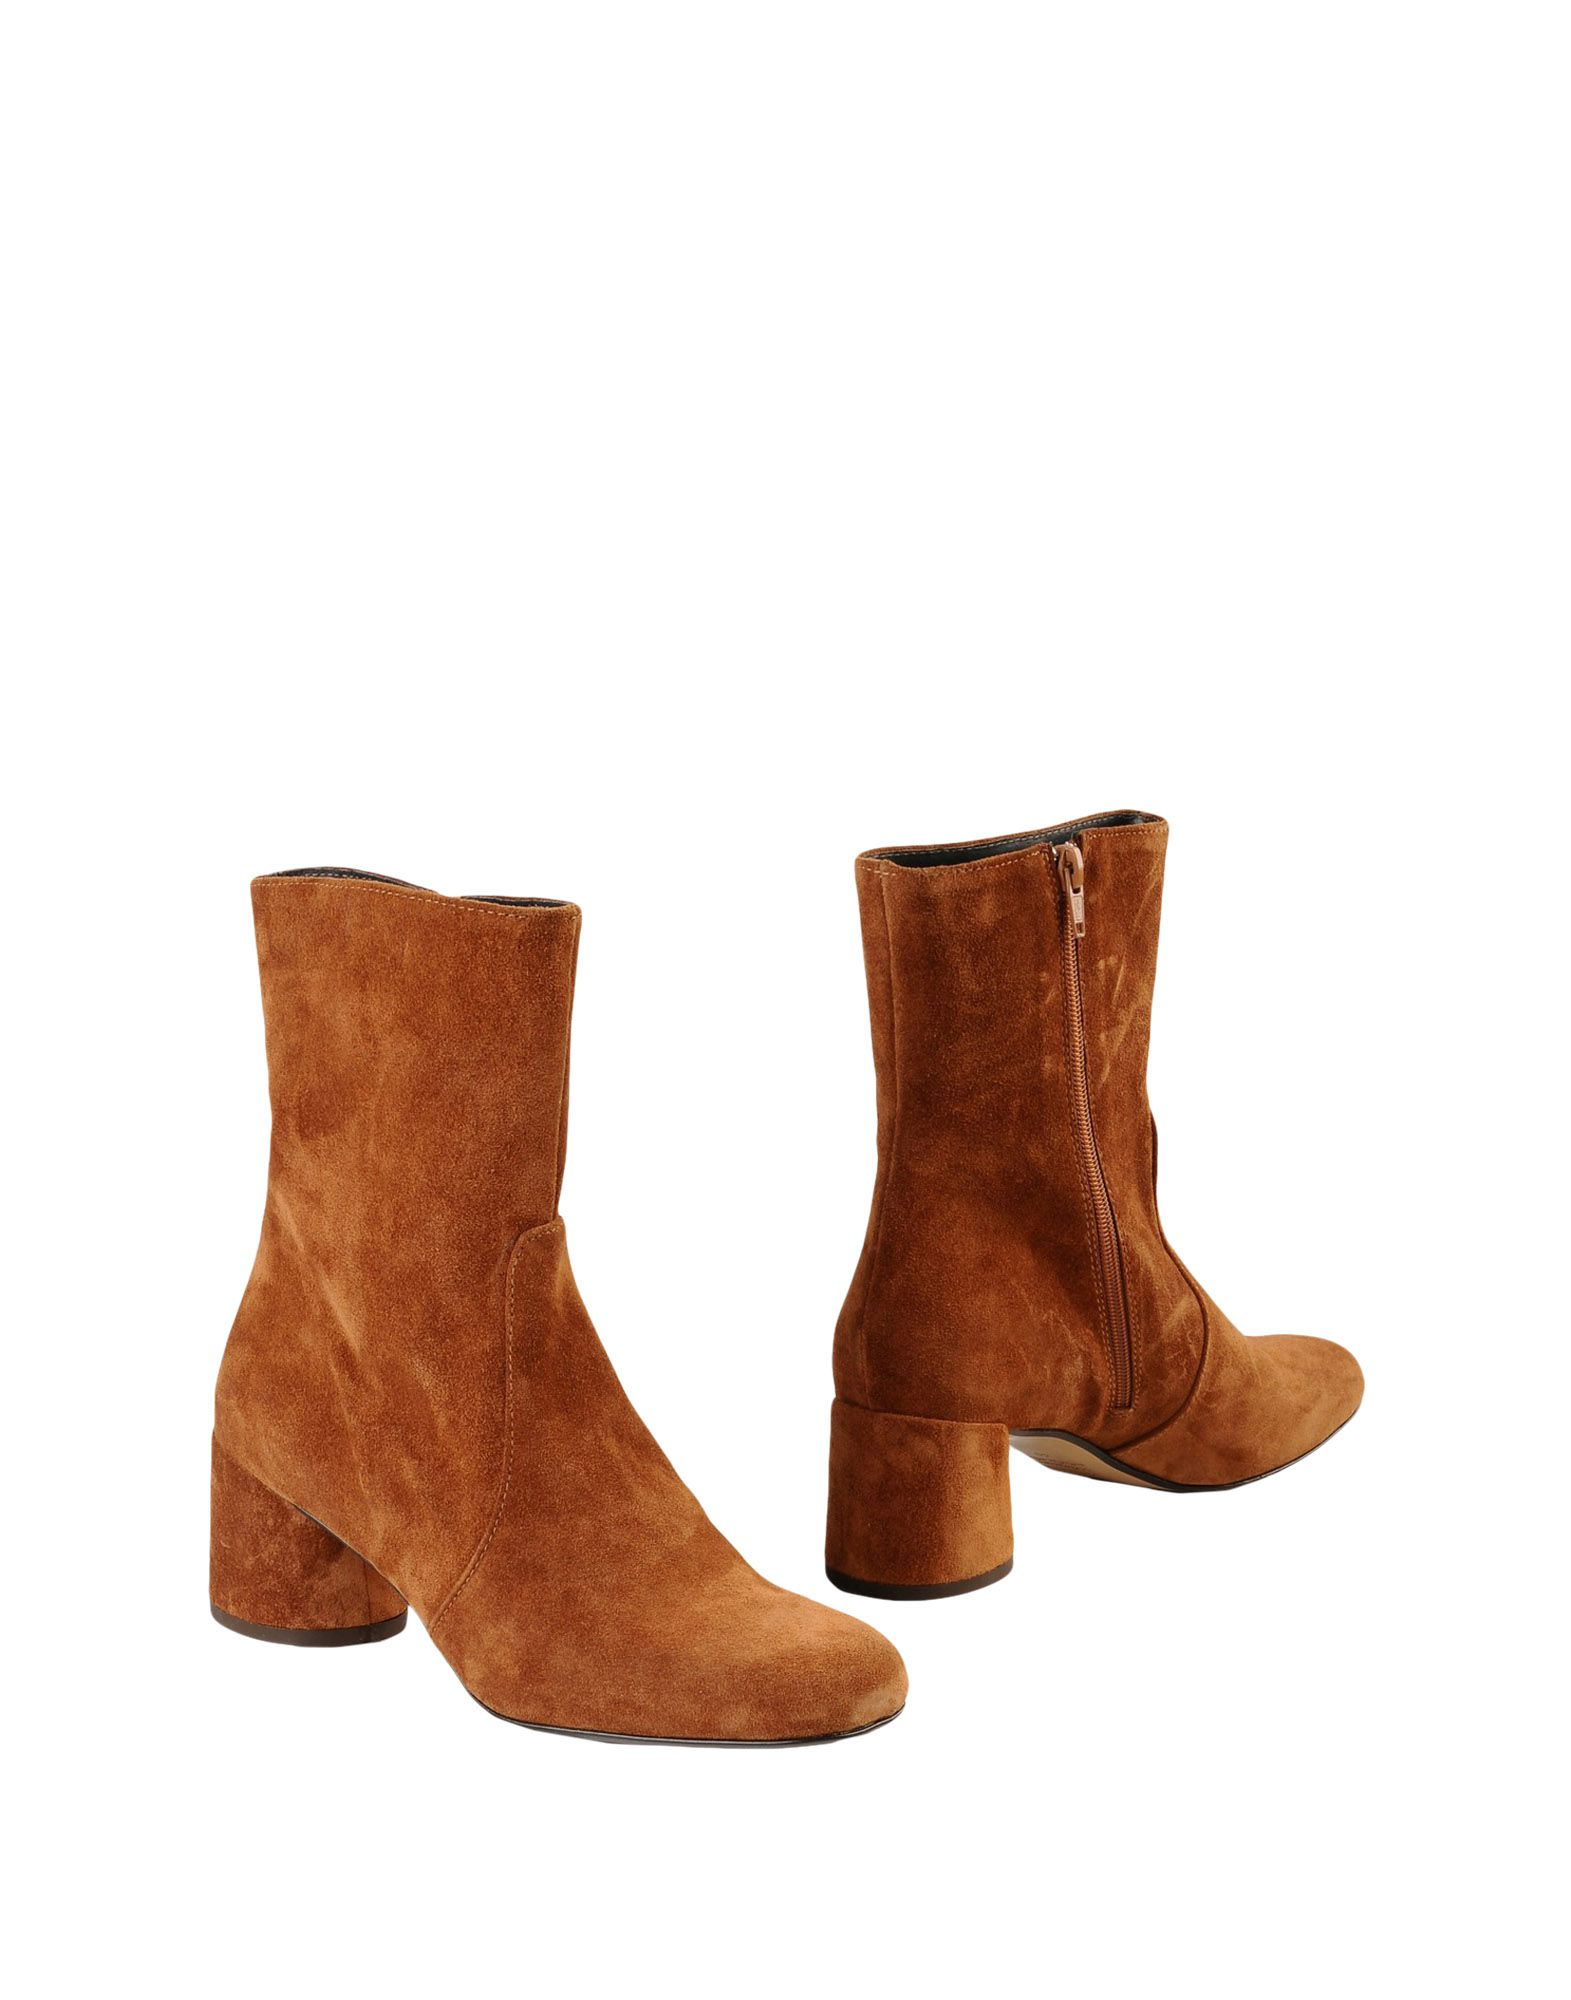 George J. Love Stiefelette Damen  11537844HT Gute Qualität beliebte Schuhe